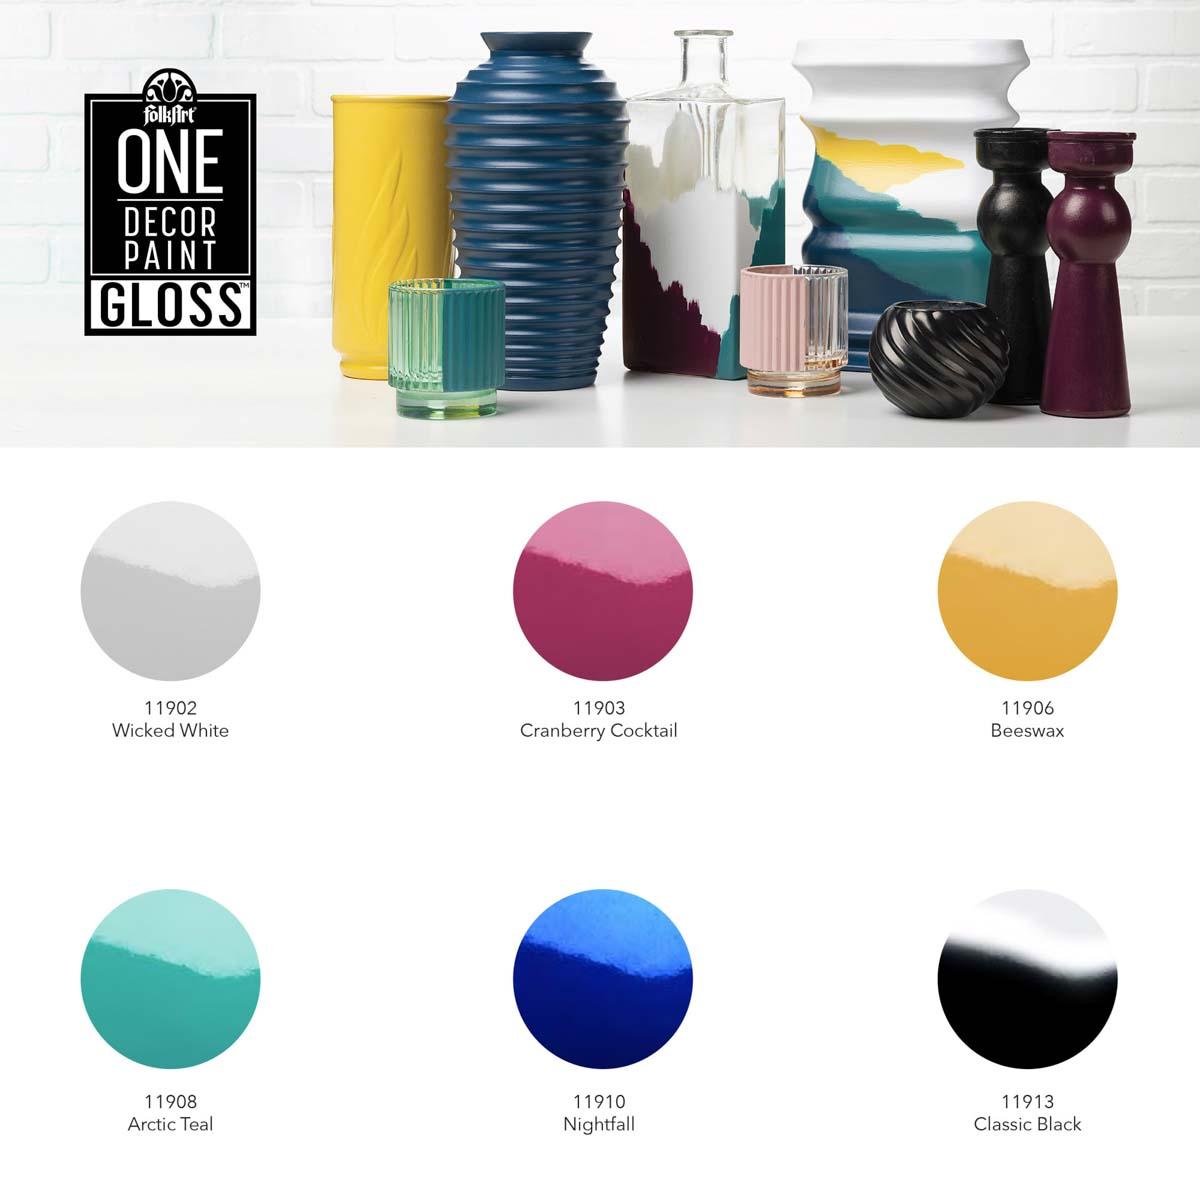 FolkArt ® One Décor Paint™ Gloss - Nightfall, 8 oz. - 11910